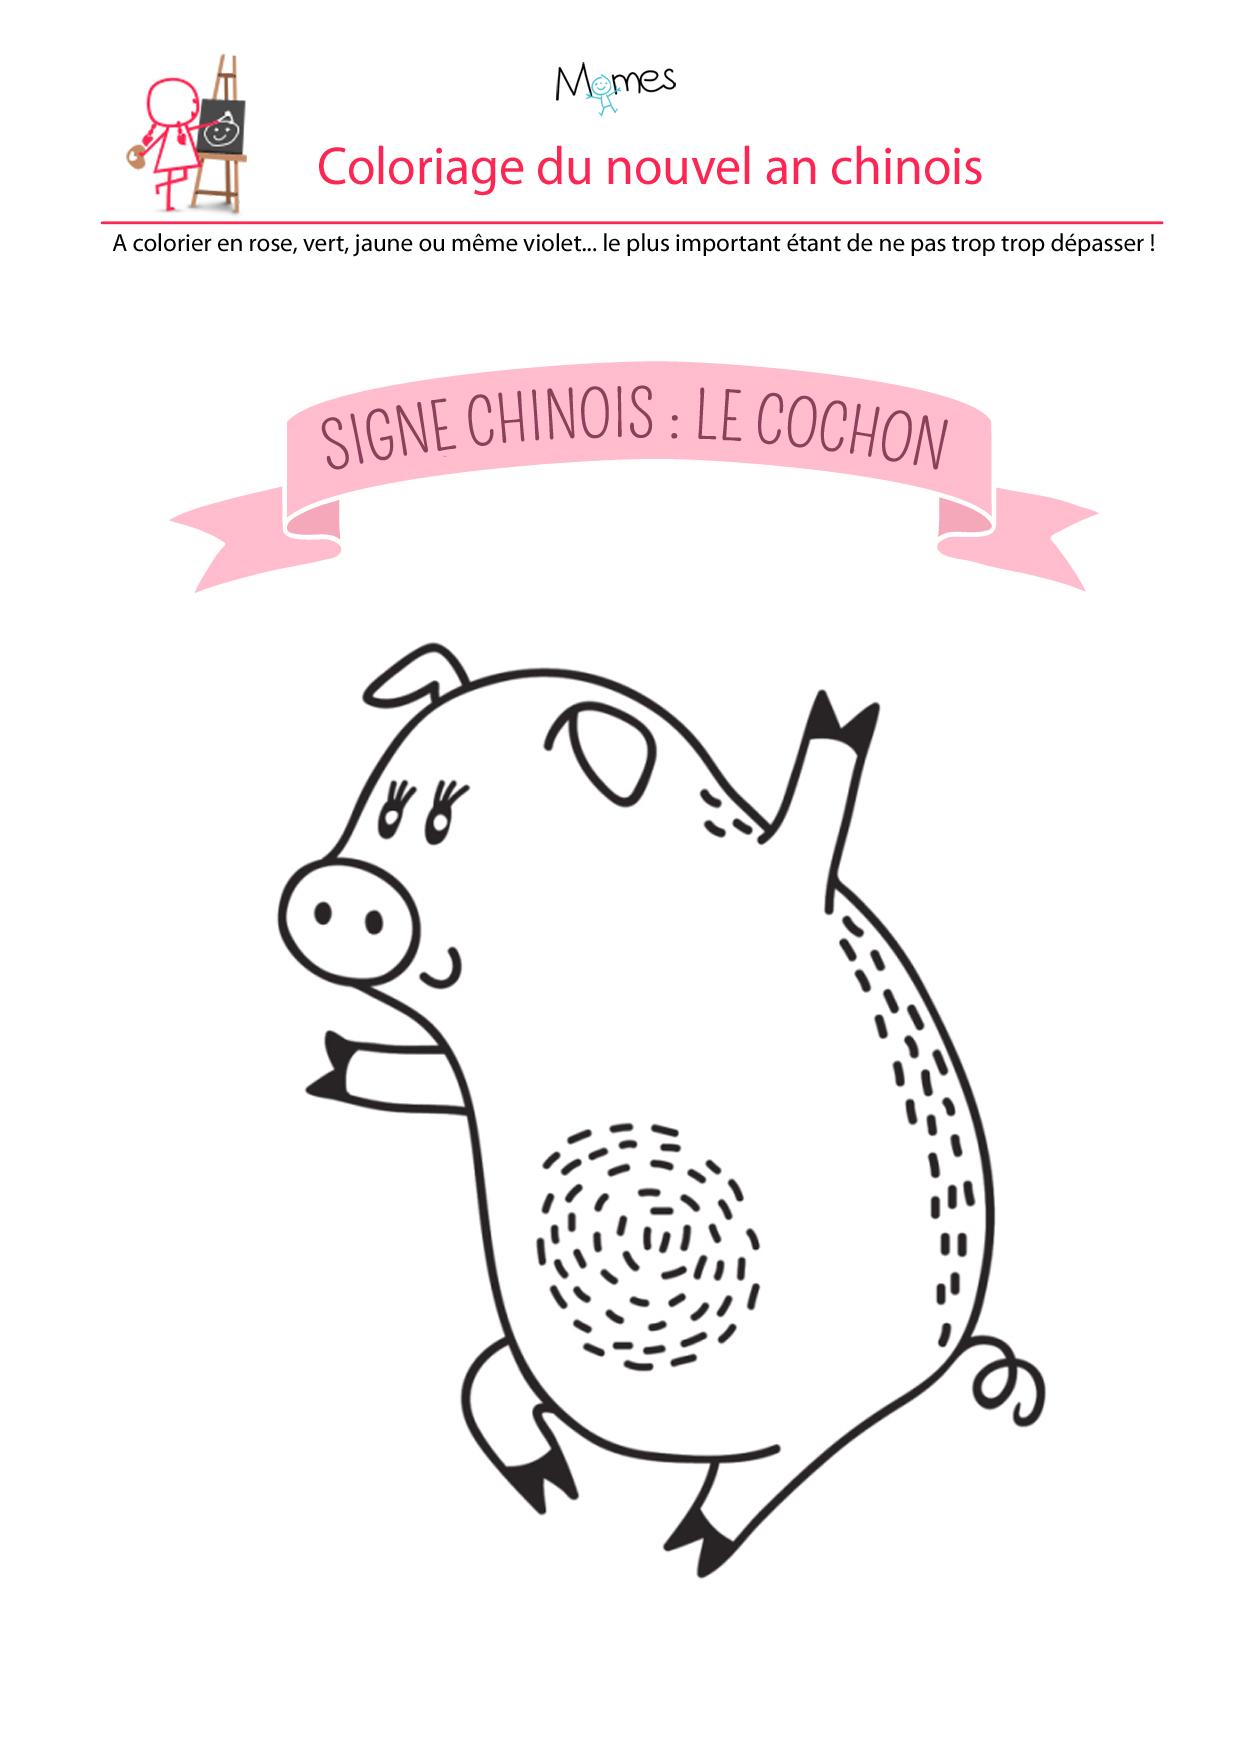 Coloriage du calendrier chinois : le cochon